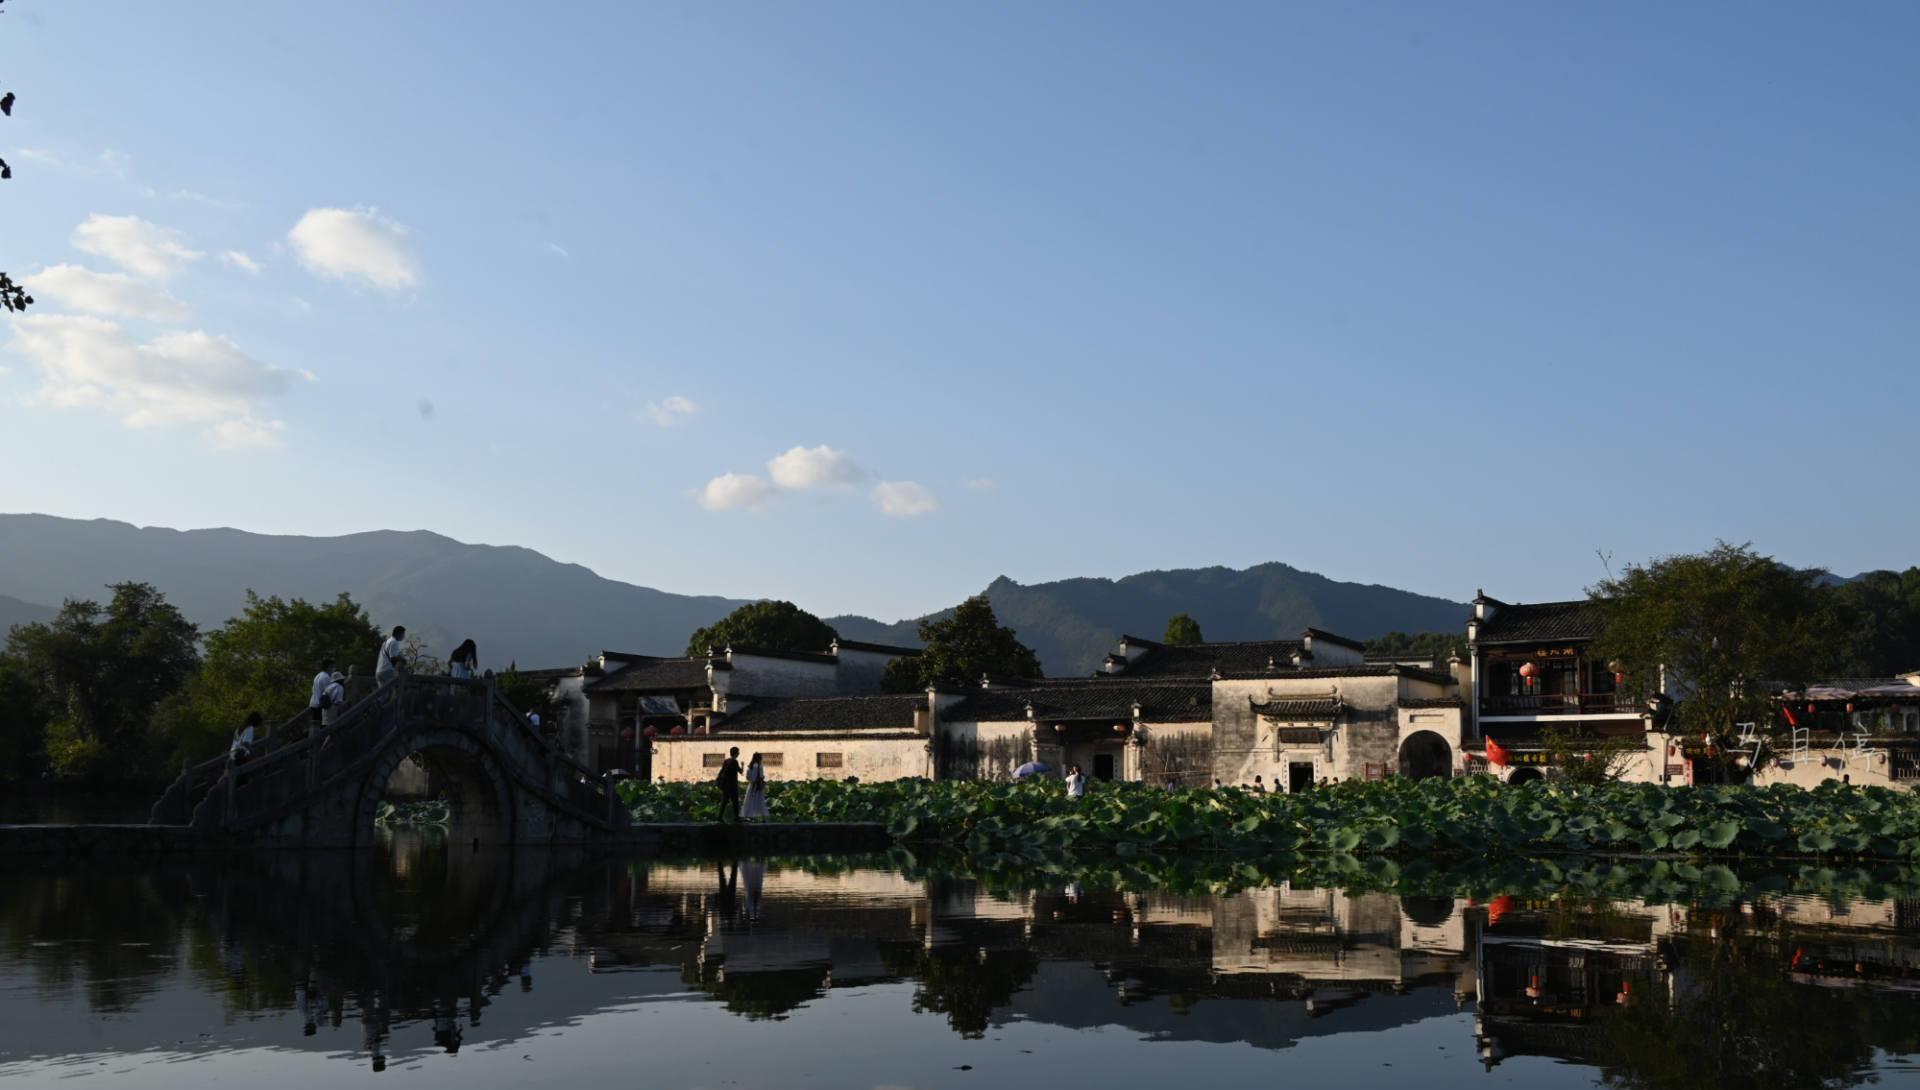 安徽这个古村不简朴:藏着400多栋明清古修建,现成网红